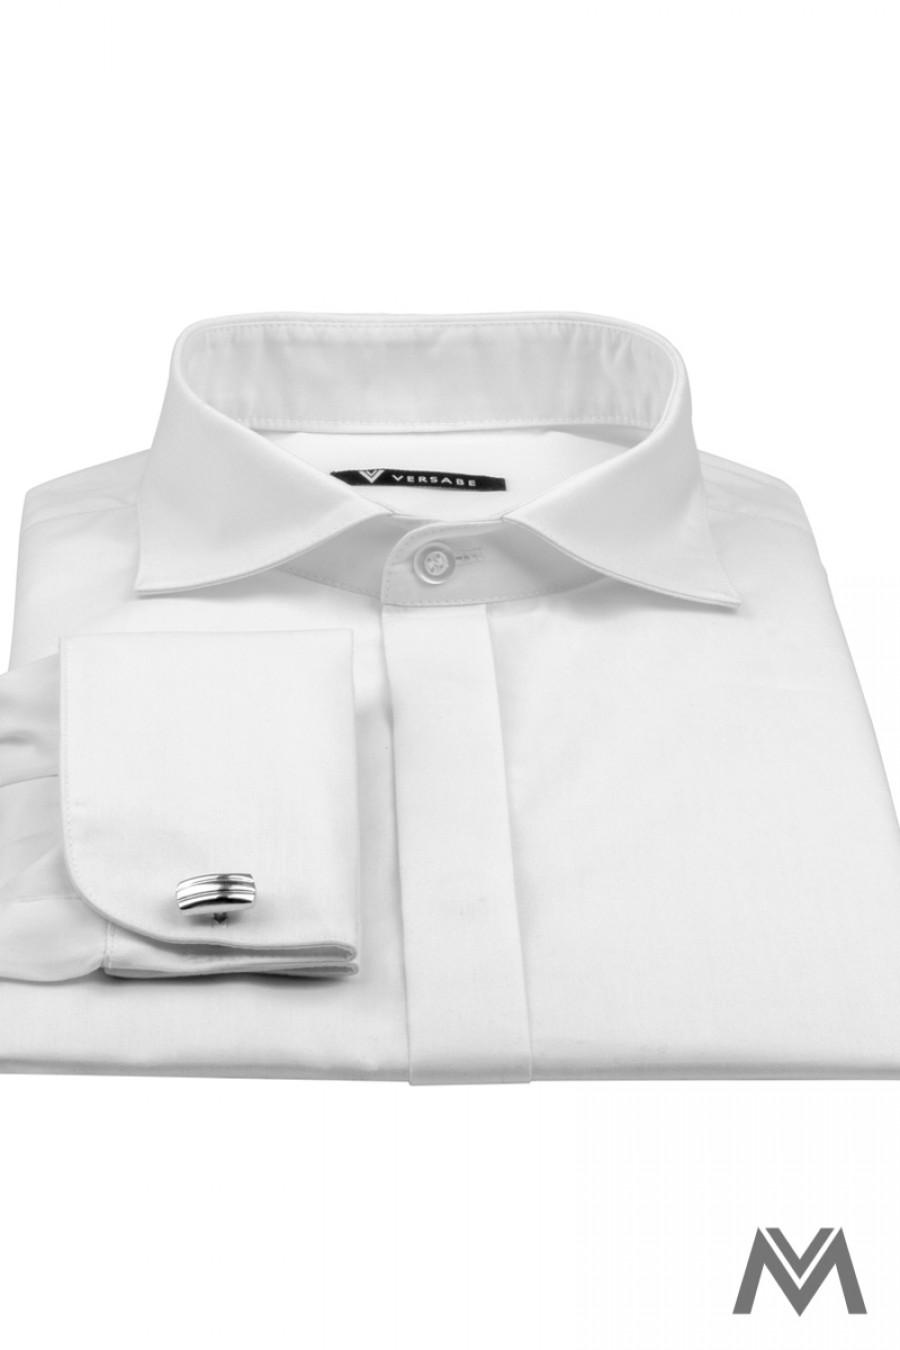 84e160661235 Klasická biela košeľa s krytým zapínaním v strihu SLIM FIT VS-PK ...